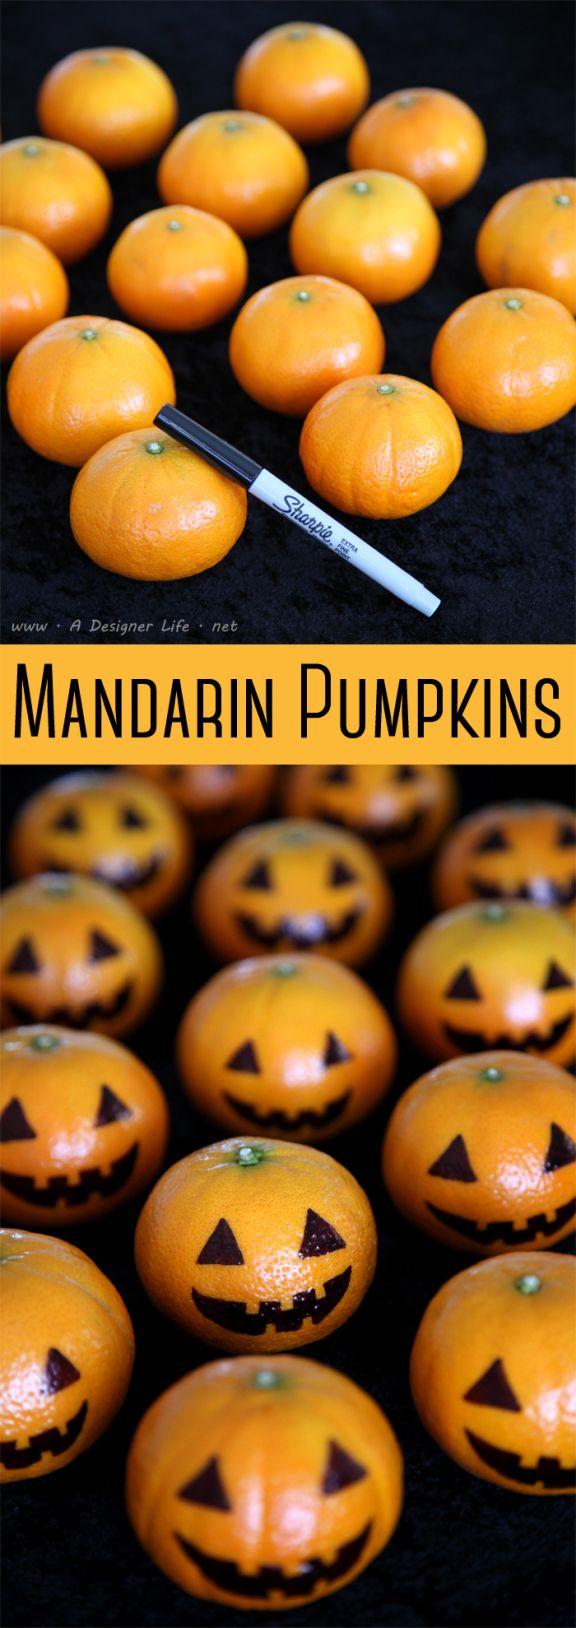 25+ best Halloween party ideas ideas on Pinterest | Halloween ...